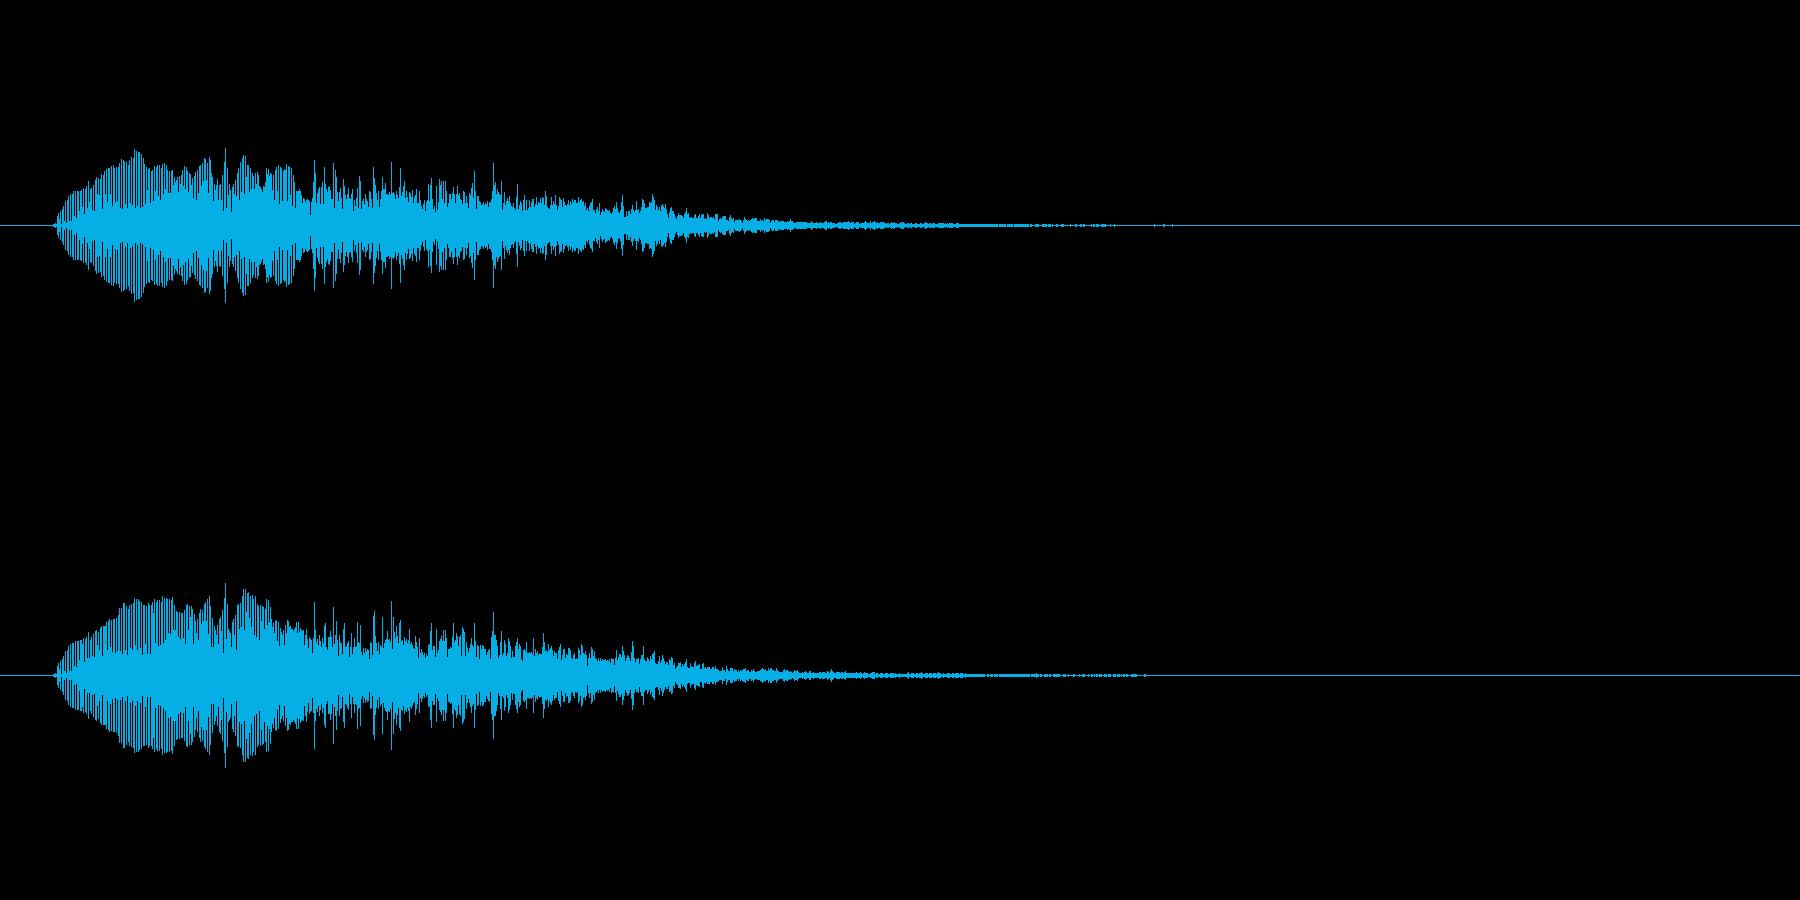 「トランペットでコミカルな音」の再生済みの波形